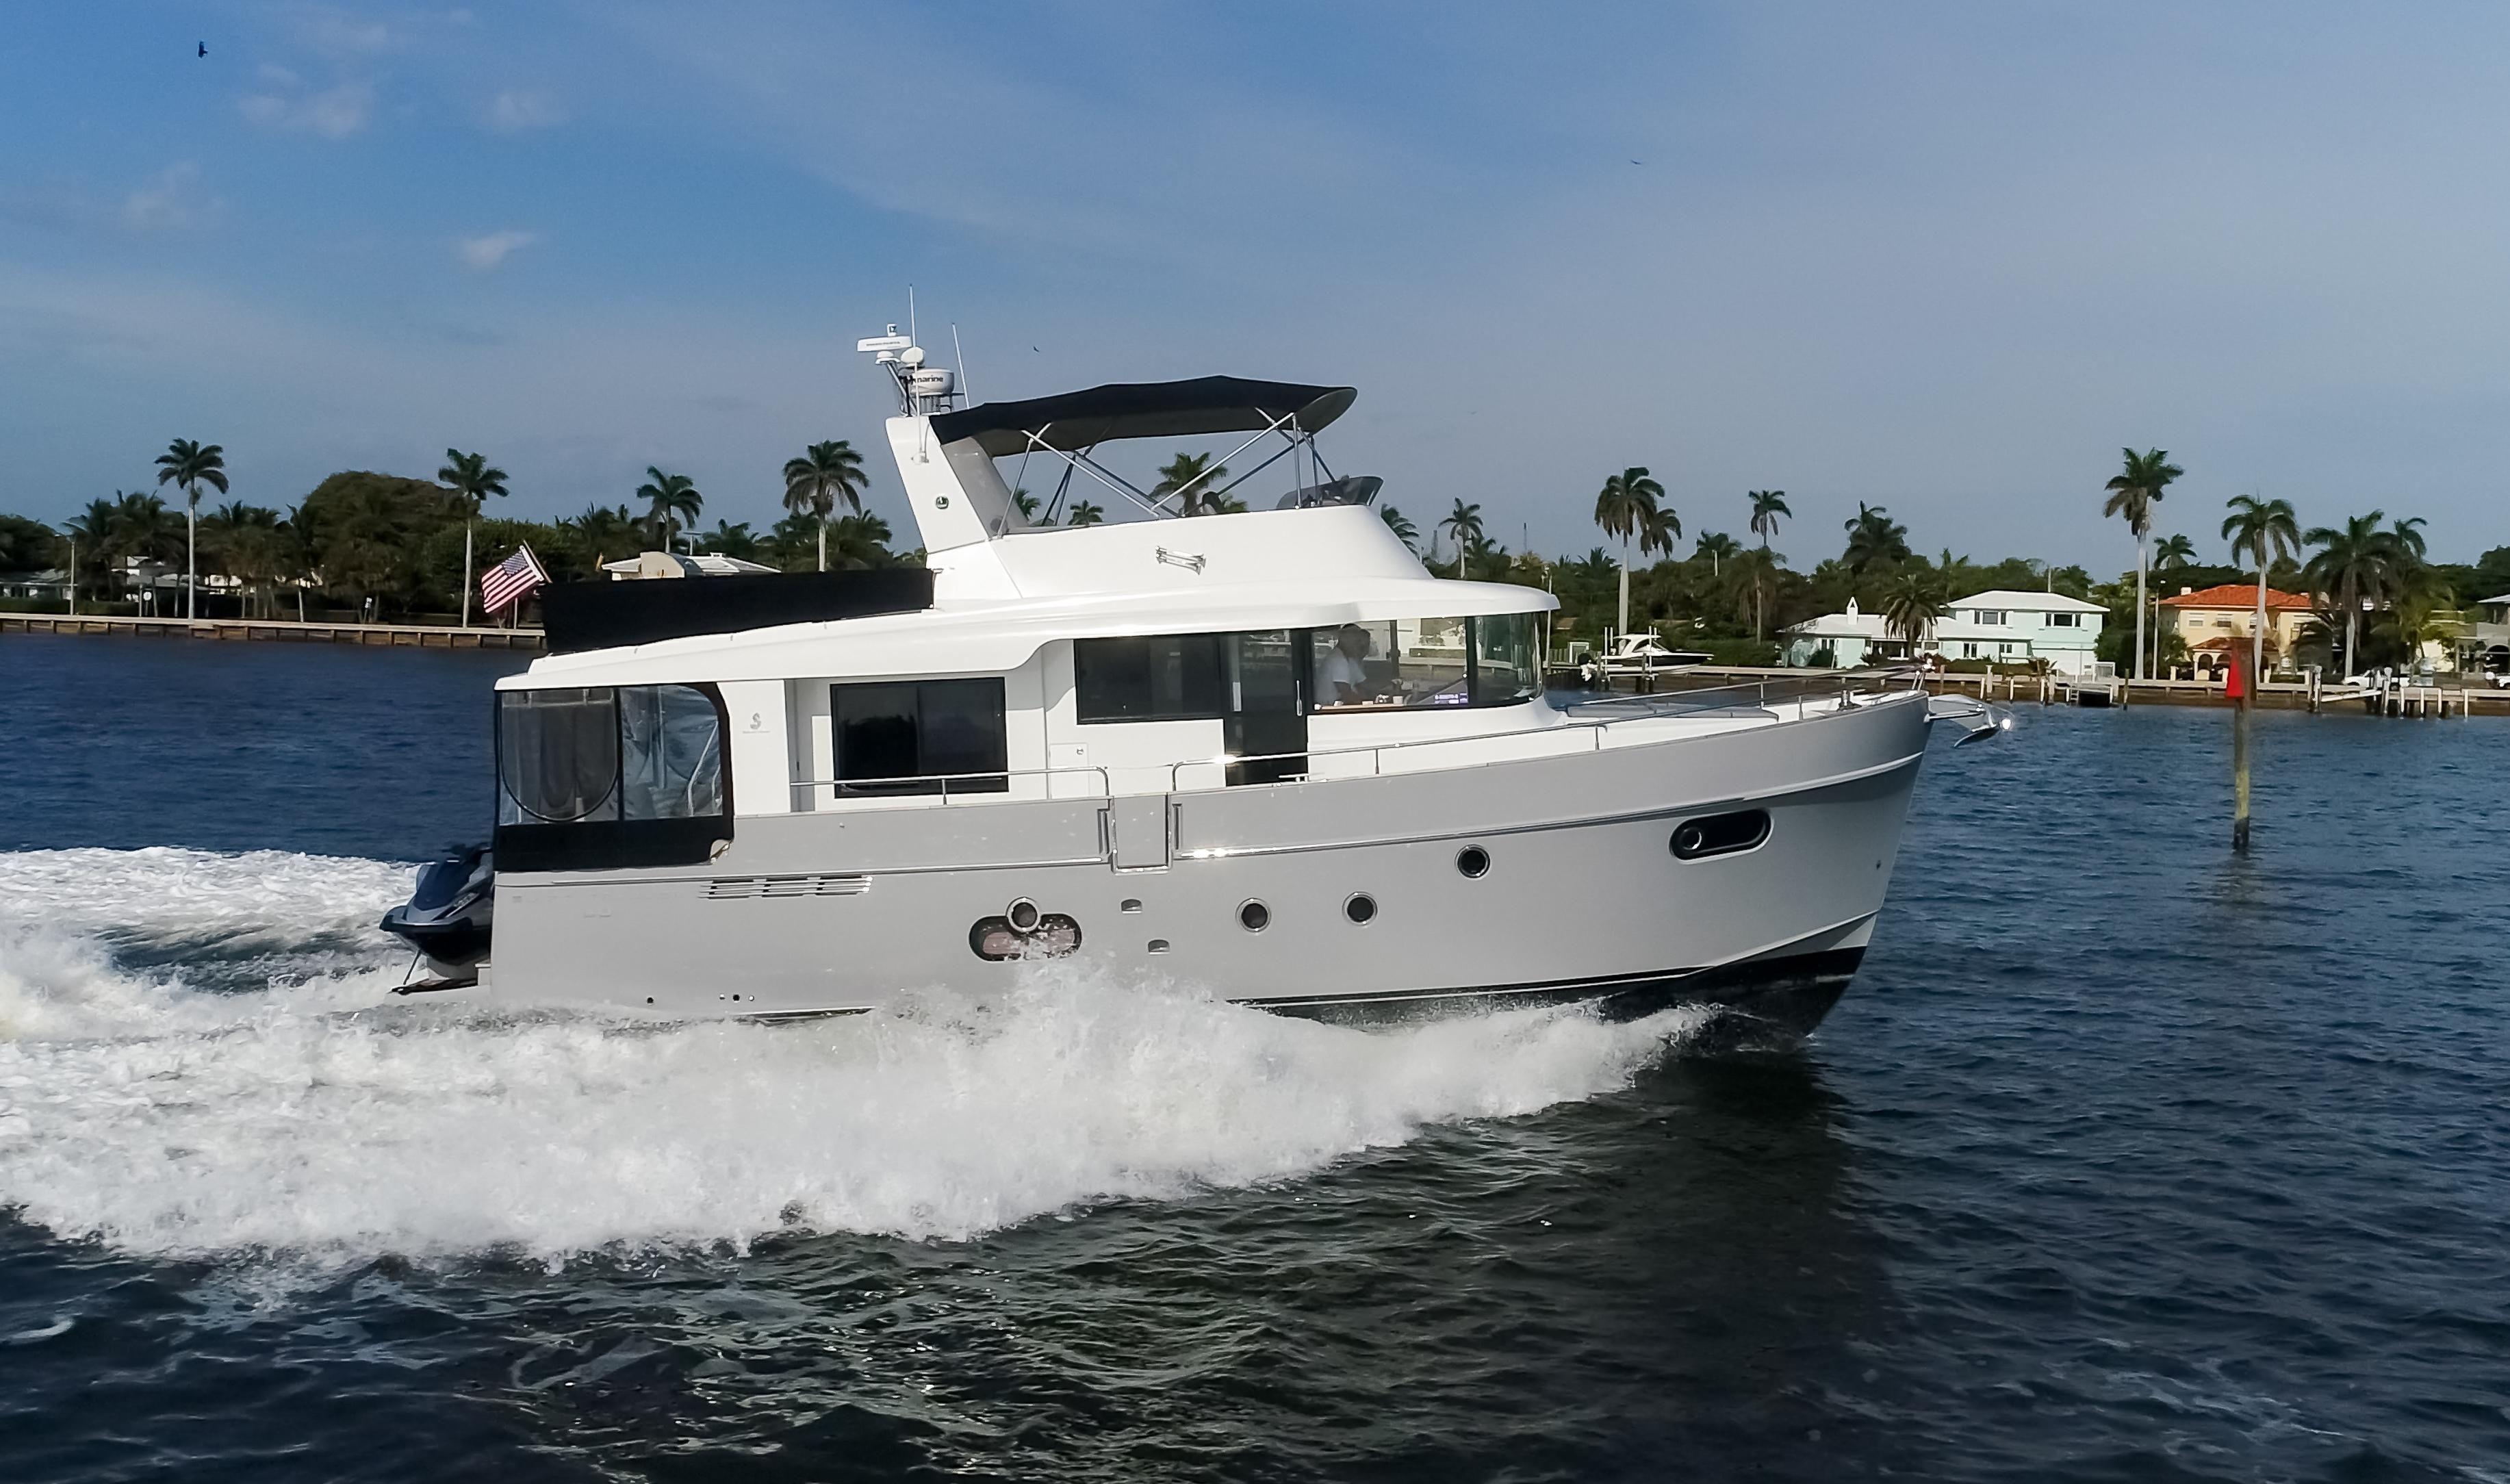 2015 Beneteau Swift Trawler 50 Power Boat For Sale Www Yachtworld Com